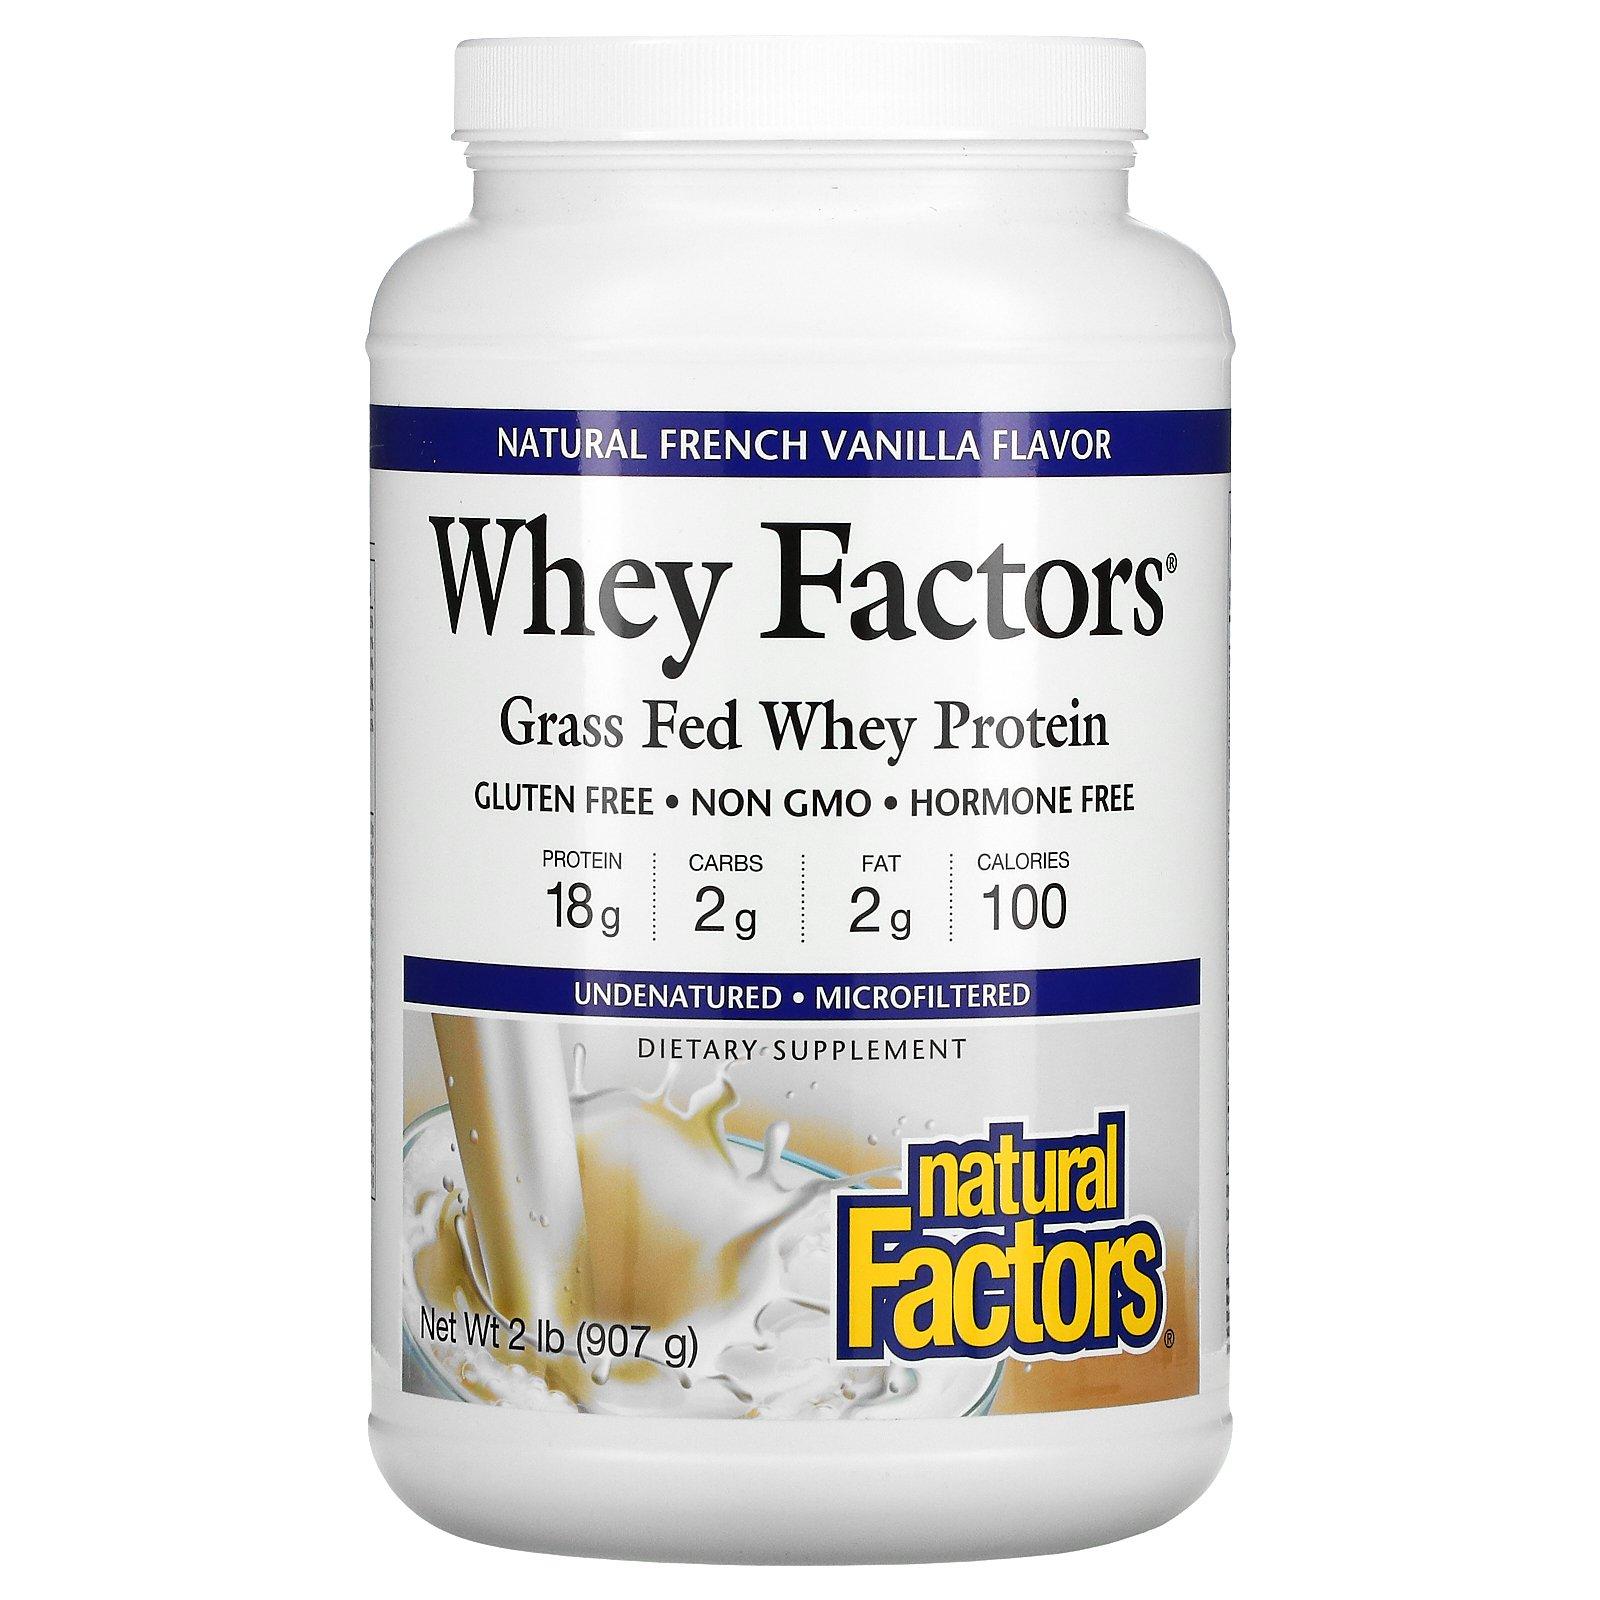 Natural Factors, Whey Factors, сывороточный протеин Grass Fed, натуральный вкус французской ванили, 907 г (2 фунта)